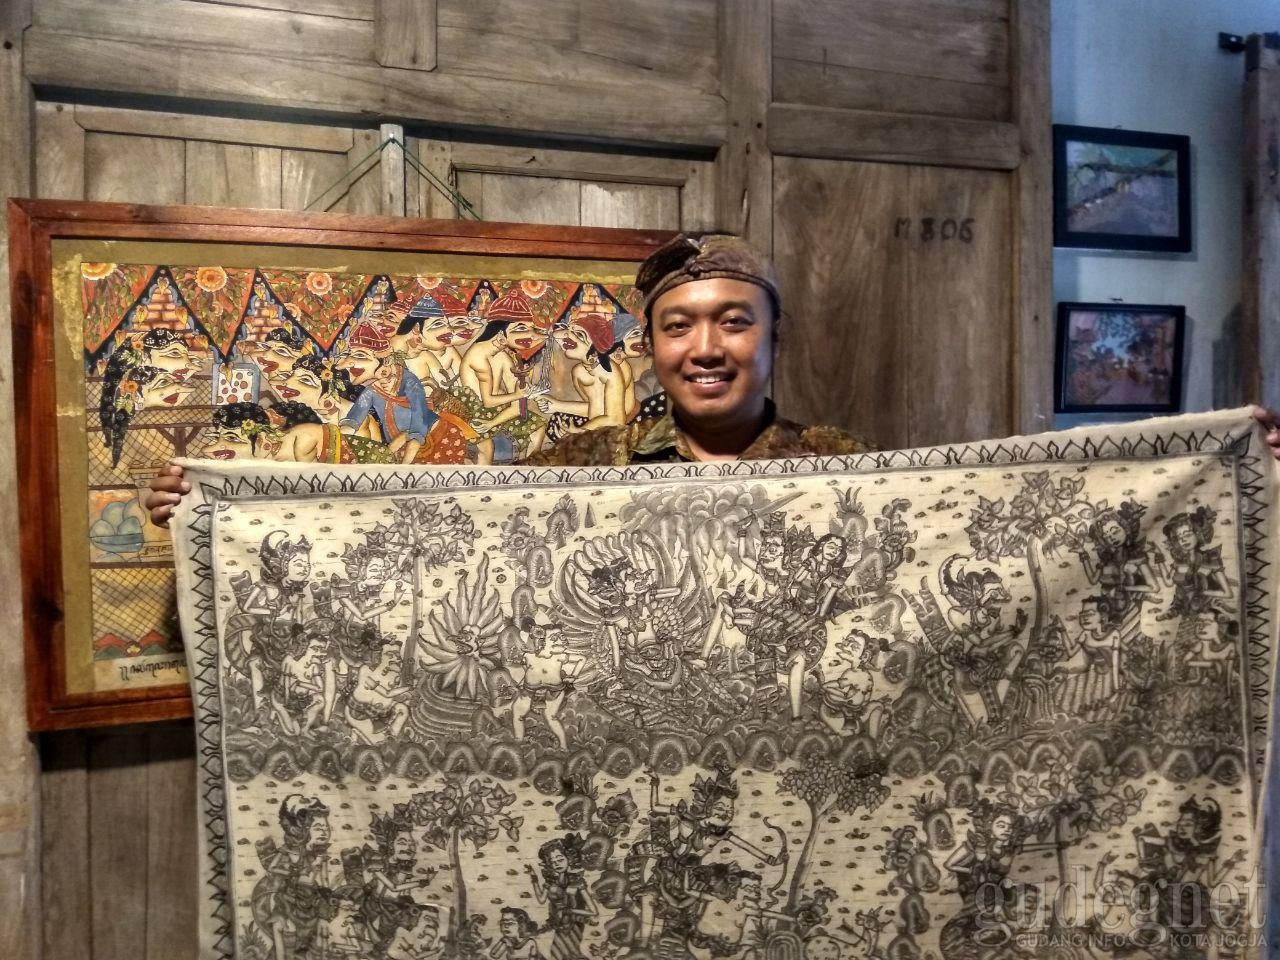 Mengenal Sosok Pendiri Museum Wayang Beber Sekartaji